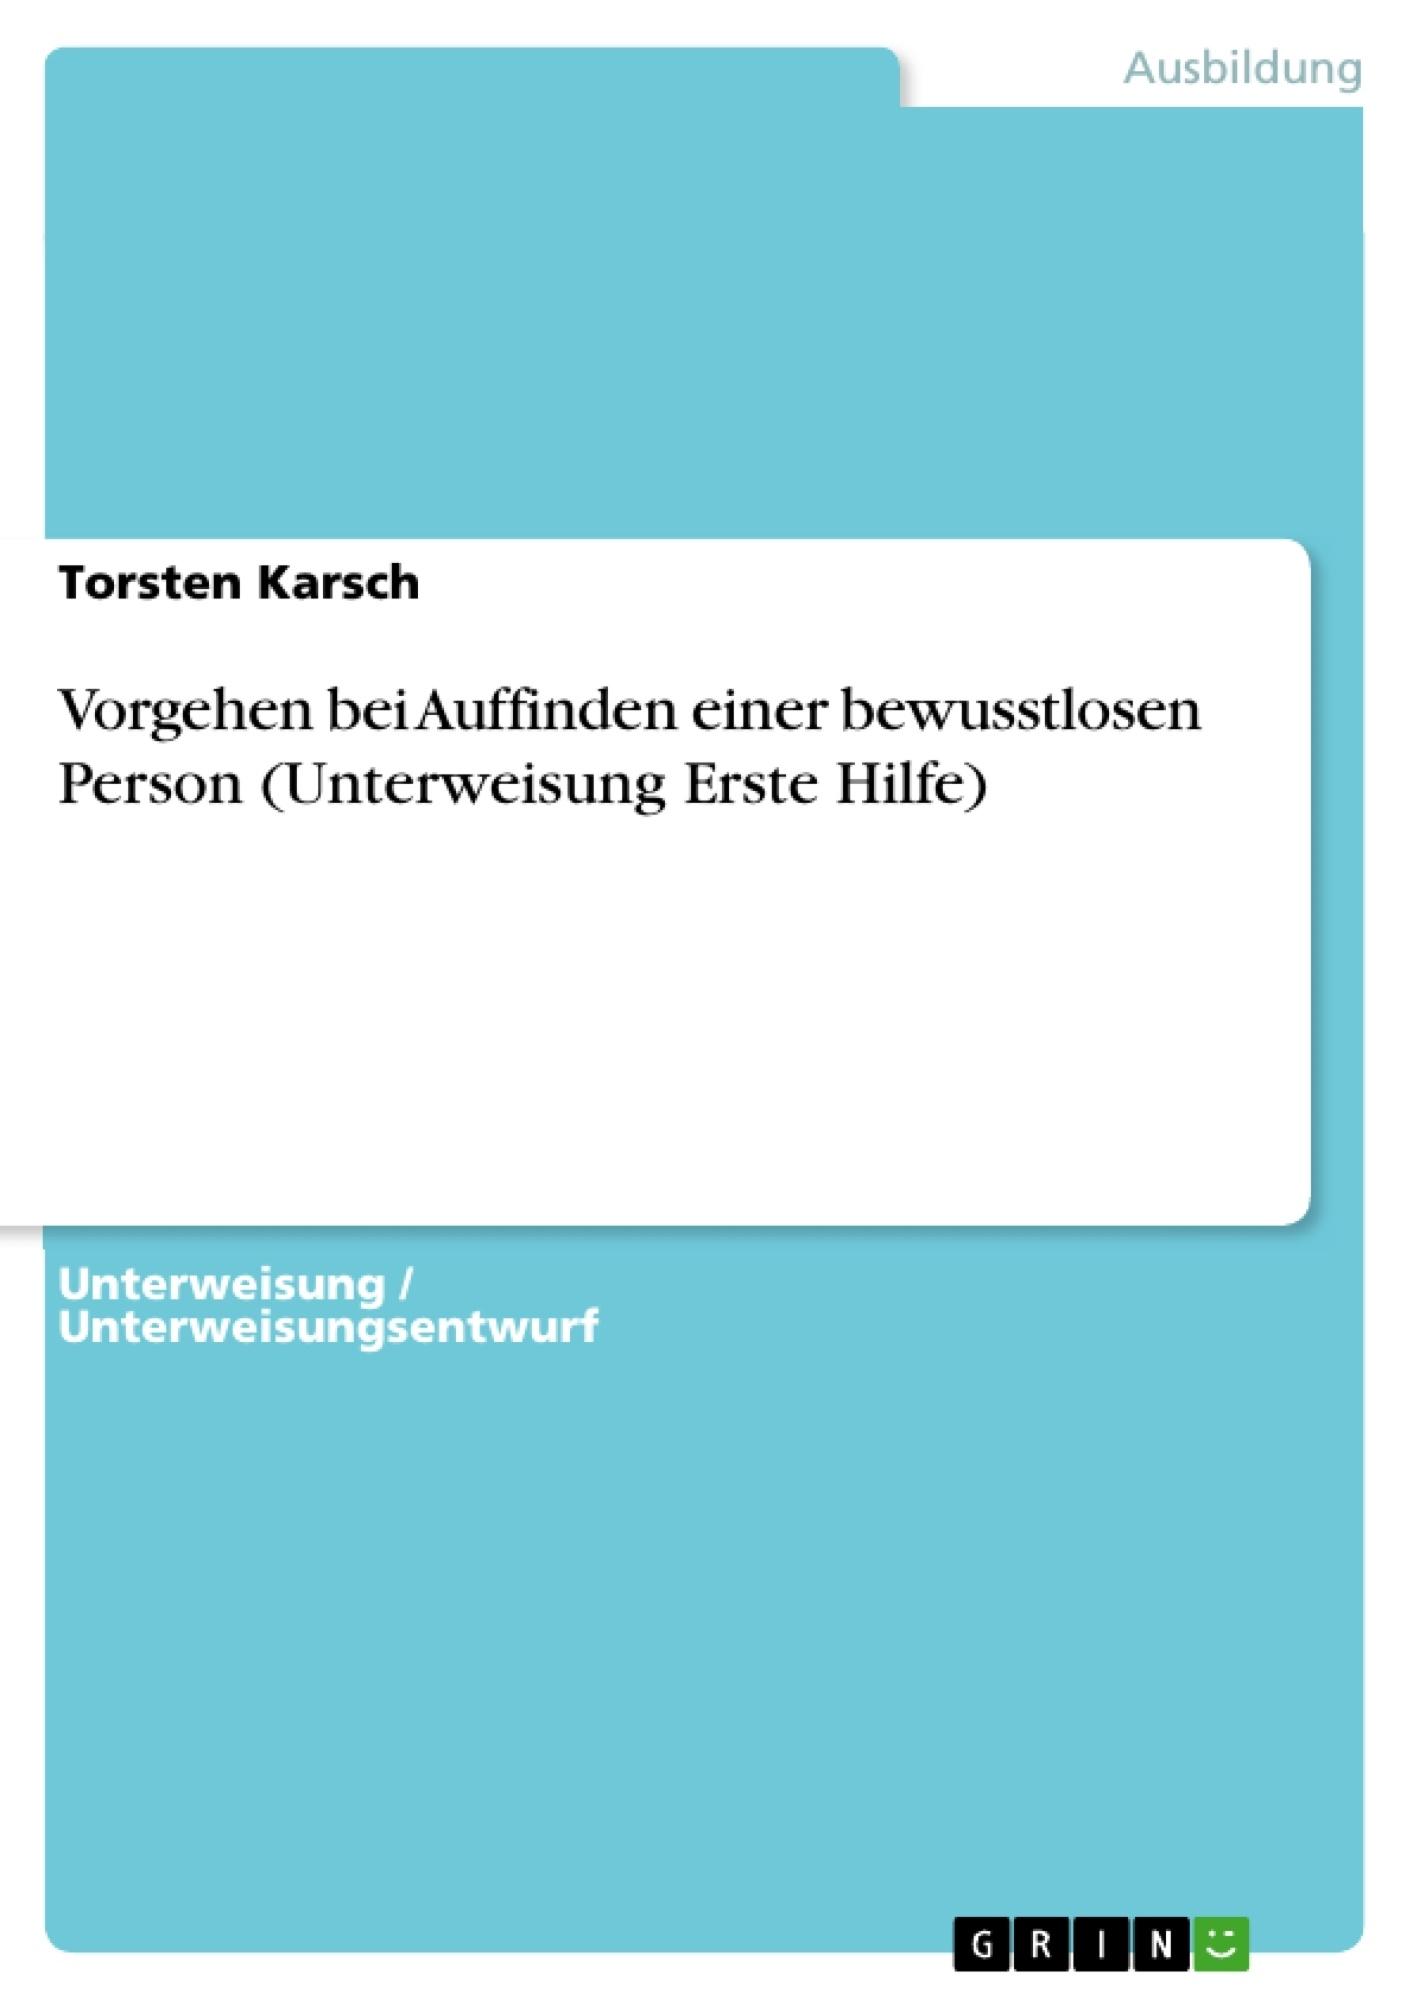 Titel: Vorgehen bei Auffinden einer bewusstlosen Person (Unterweisung Erste Hilfe)